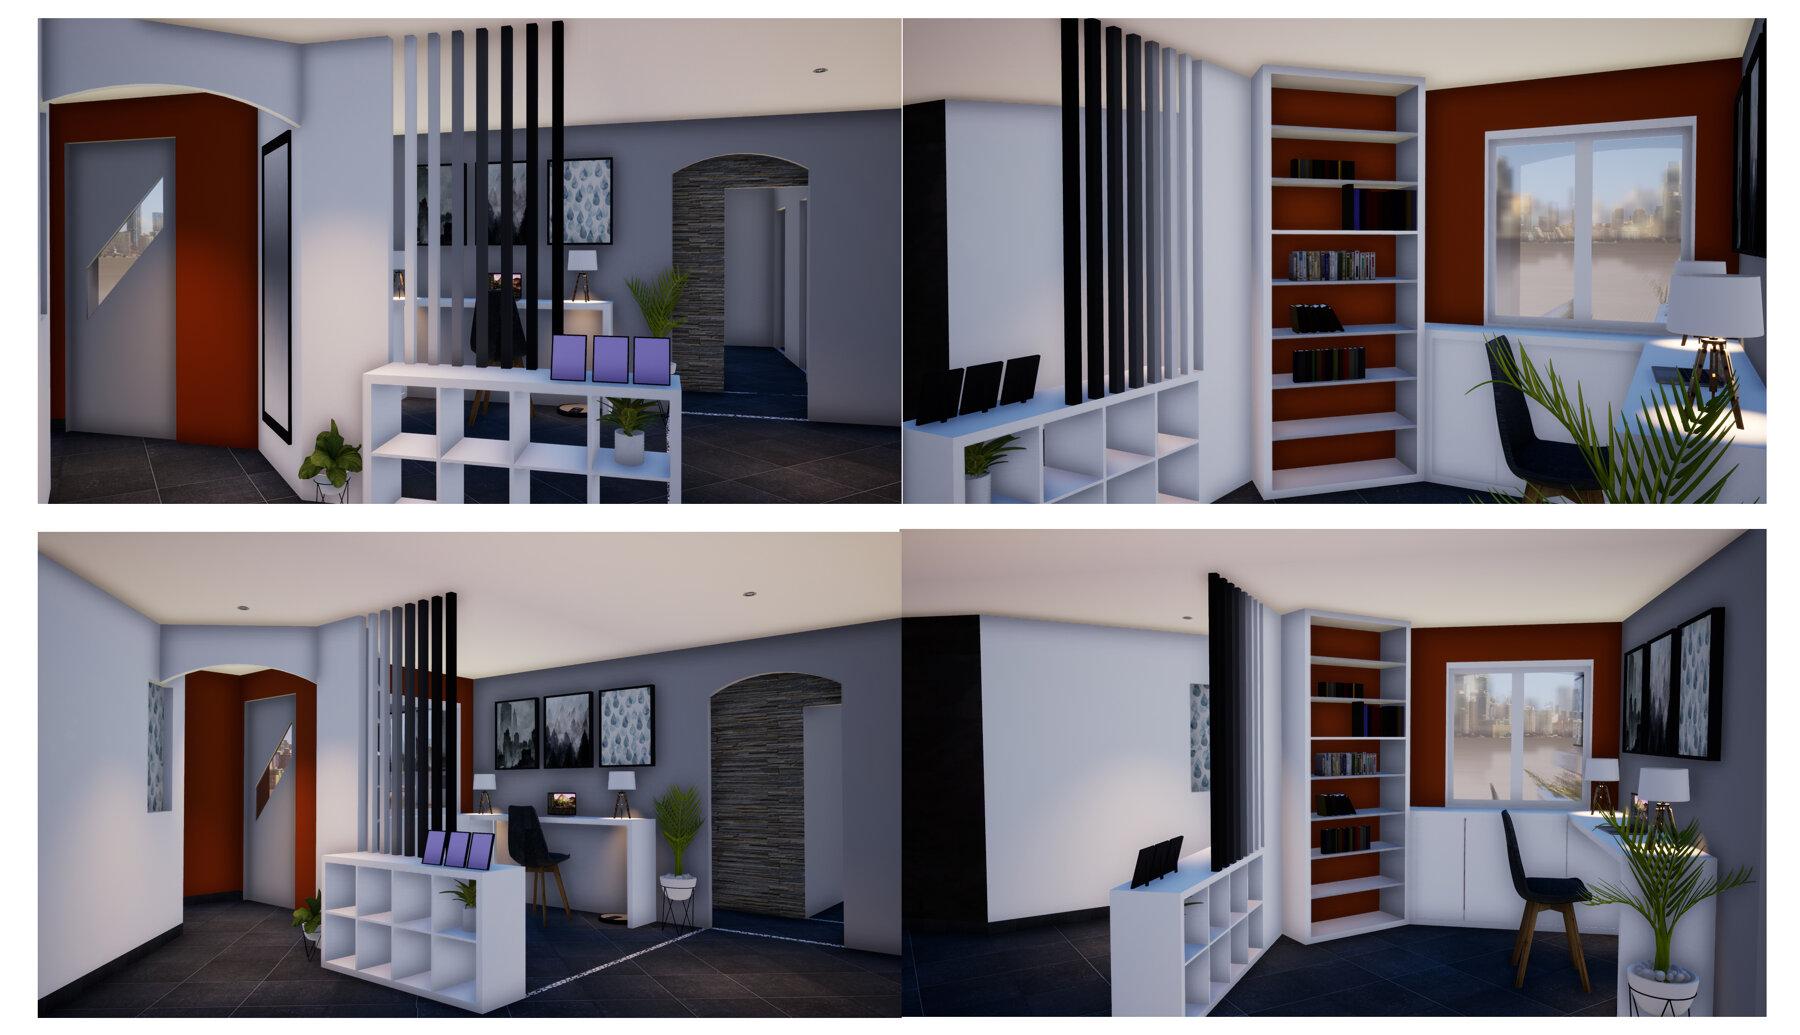 Projet V&F - Surélévation & Création de mobiliers